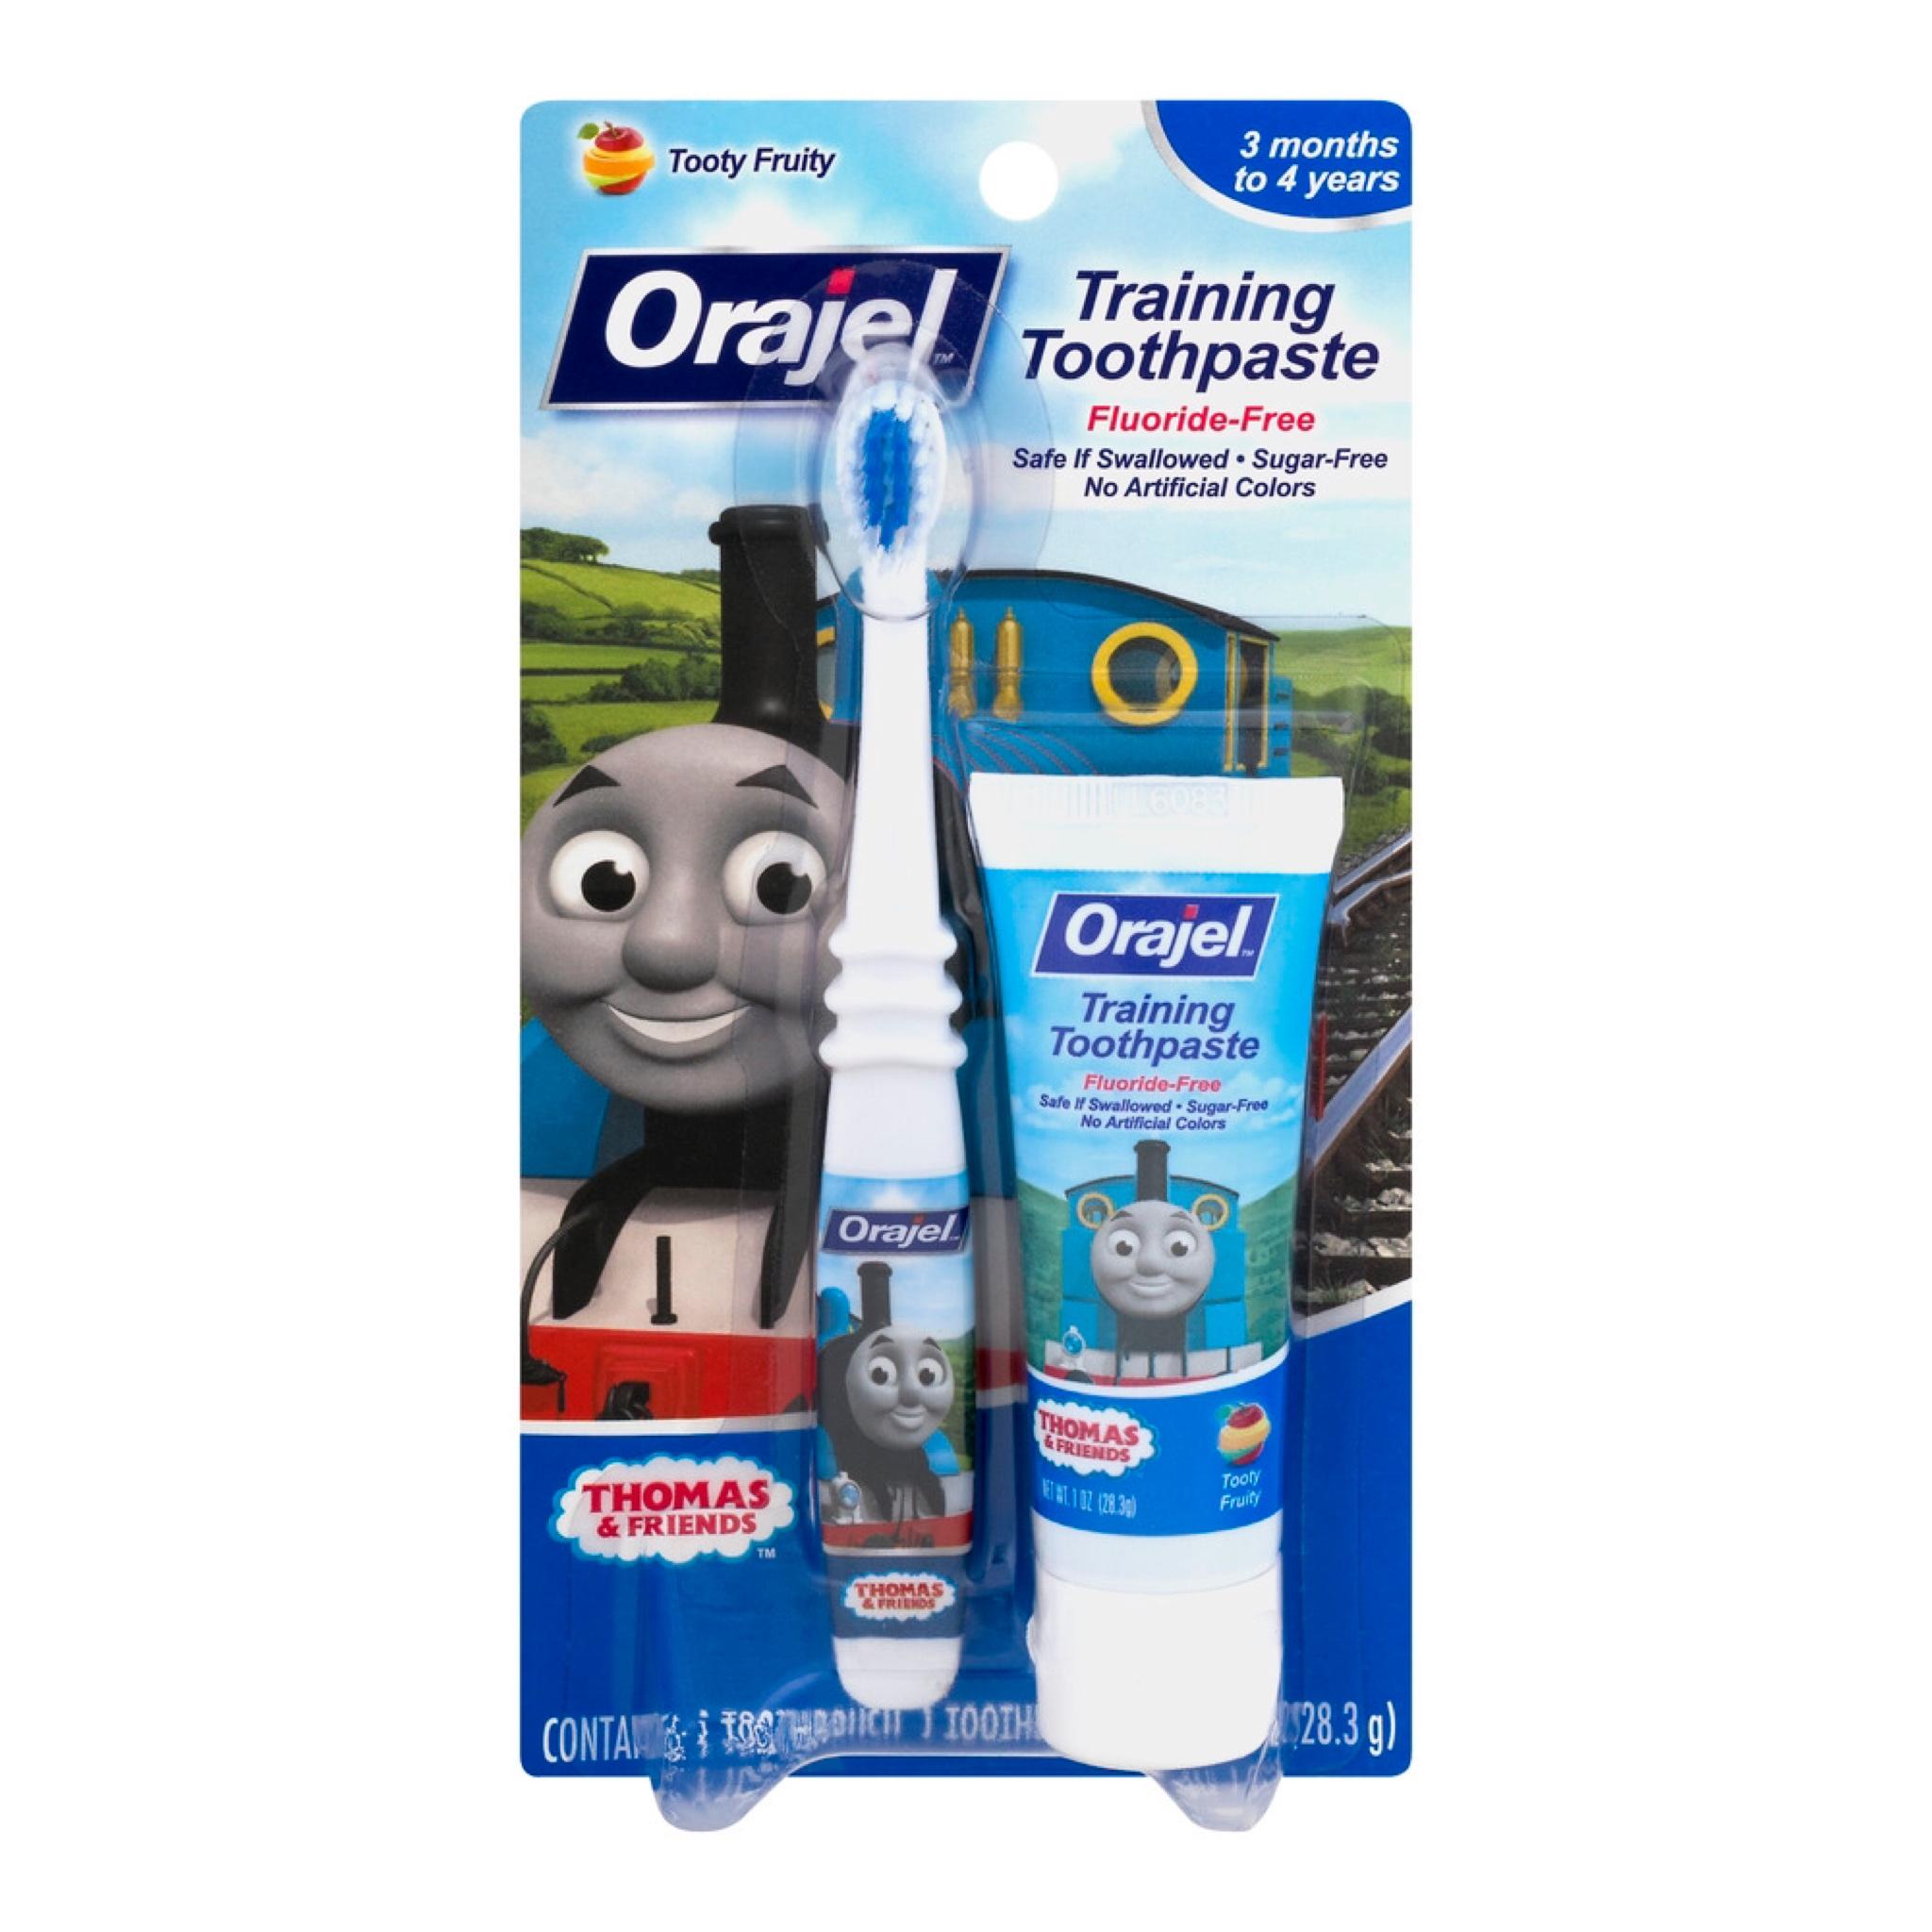 ชุดแปรงสีฟันและยาสีฟันปลอดสารพิษ Baby Orajel Training Toothpaste & Brush (Thomas & Friends)